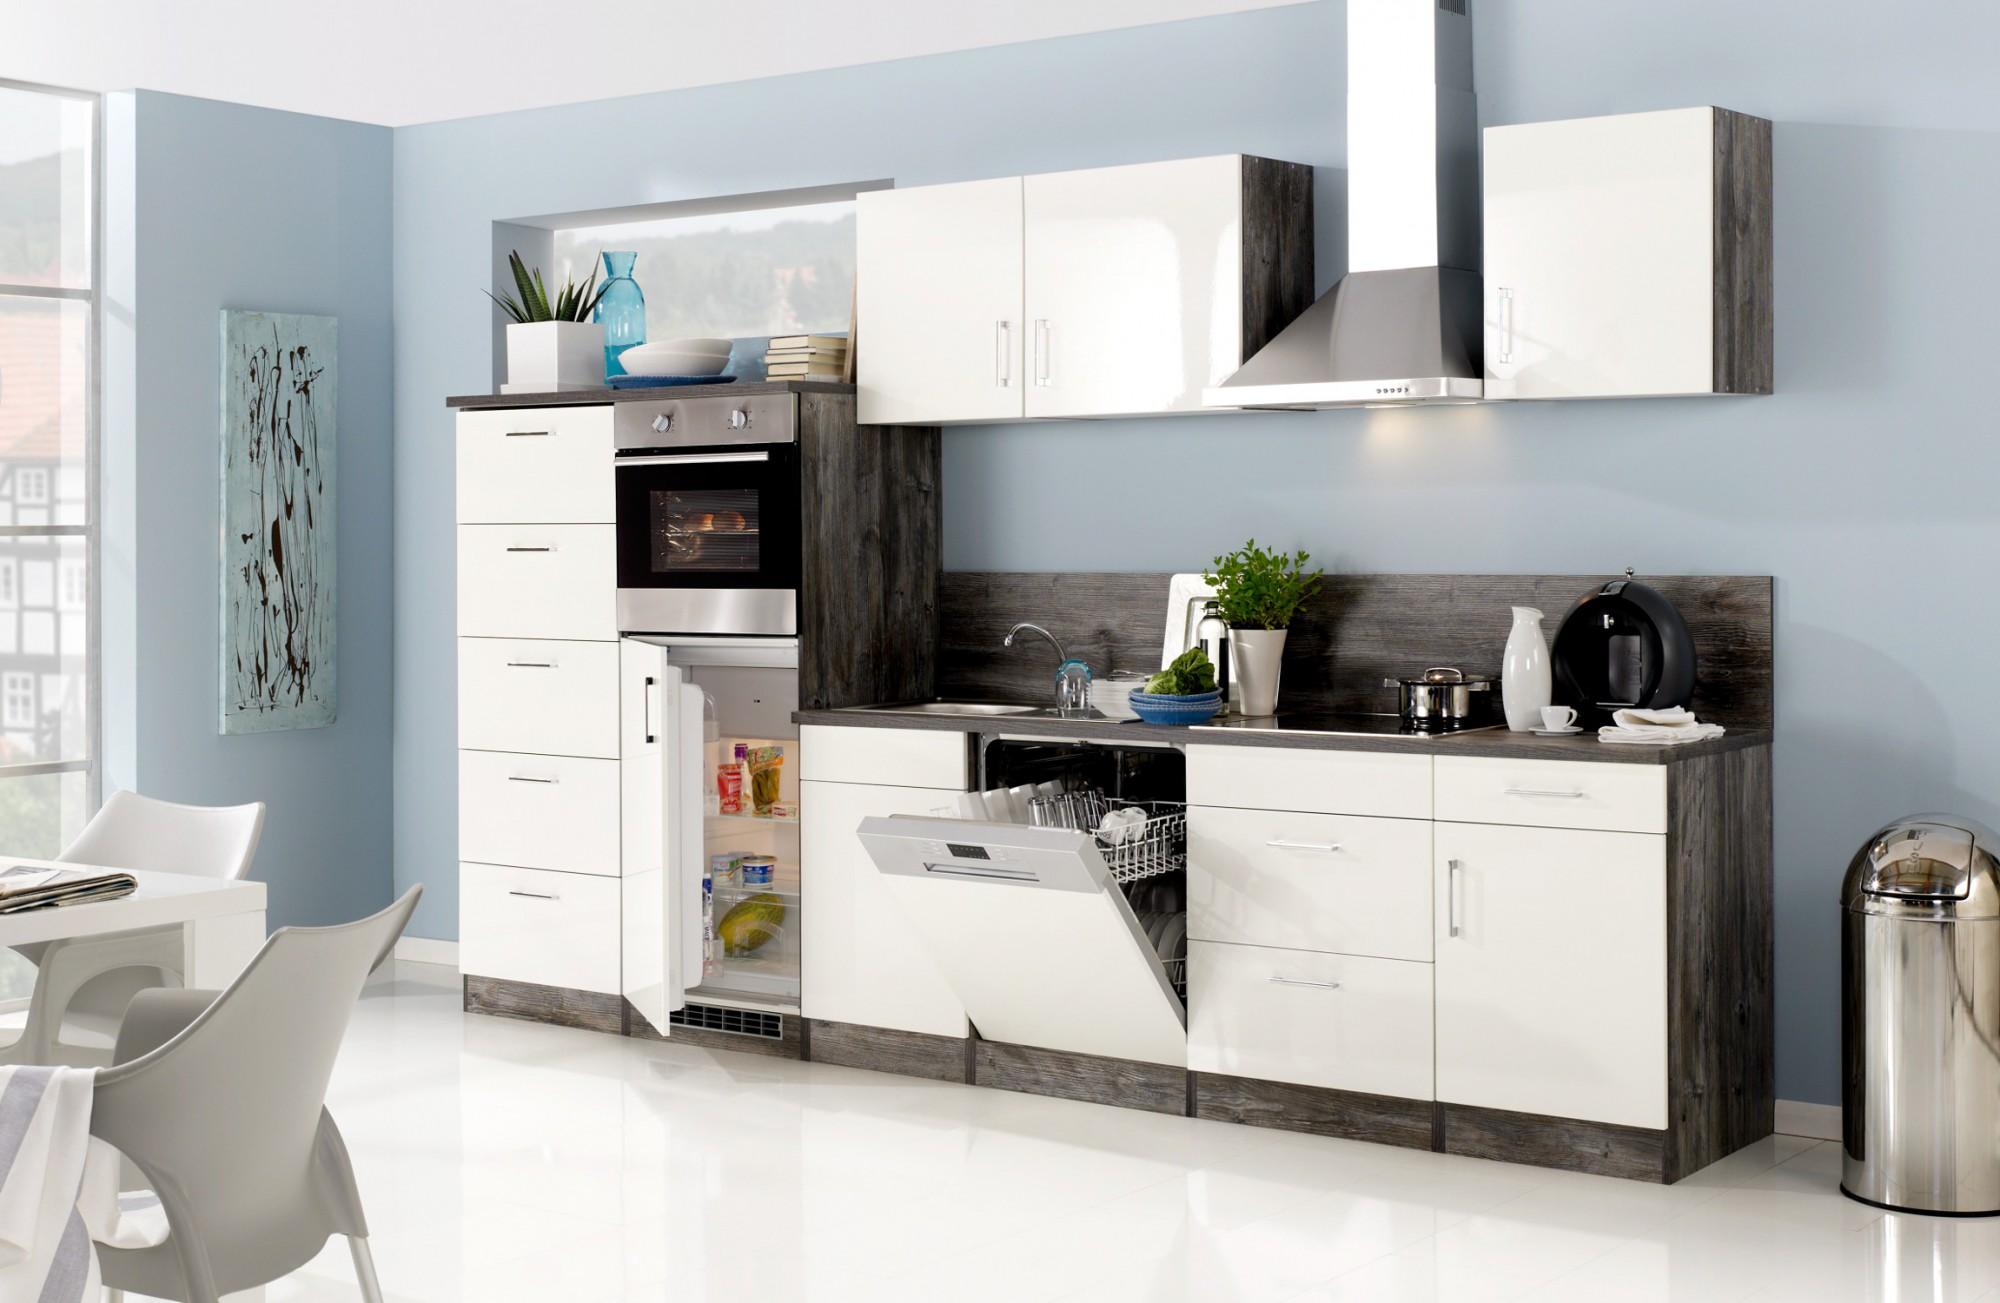 Full Size of Einbauküchen Mit Elektrogeräten U Form Einbauküche Mit Elektrogeräten Obi Neuwertige Einbauküche Mit Elektrogeräten Einbauküche Mit Elektrogeräten Günstig Küche Einbauküche Mit Elektrogeräten